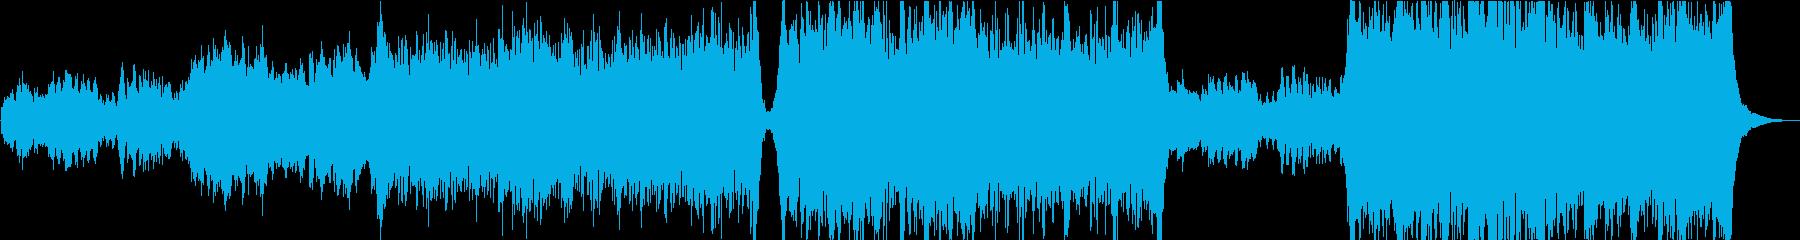 切ないピアノから始まるオーケストラの再生済みの波形